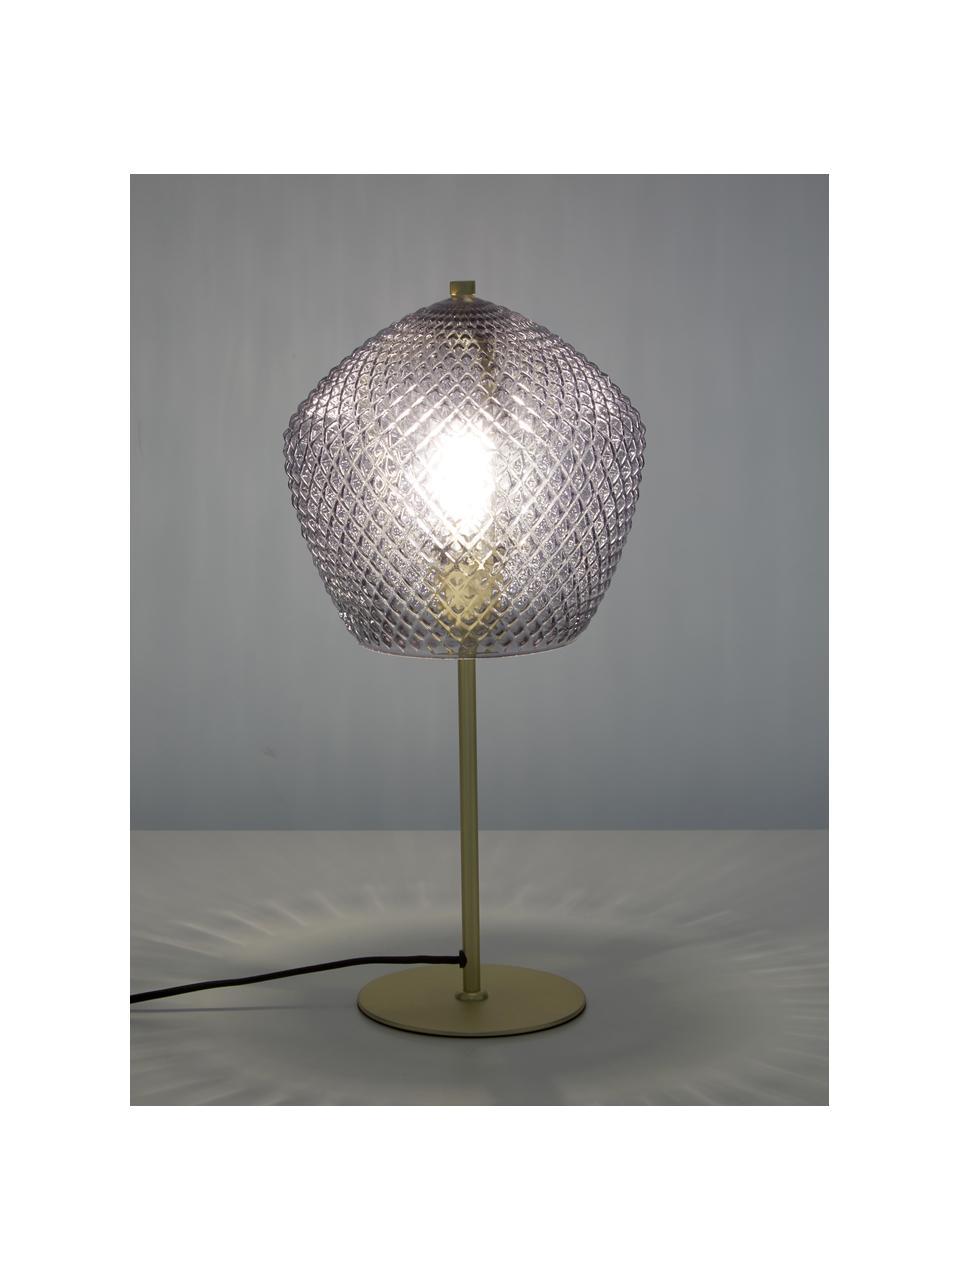 Lampada da tavolo con paralume in vetro Beatrice, Paralume: vetro, Base della lampada: metallo rivestito, Oro, grigio, trasparente, Ø 23 x Alt. 47 cm